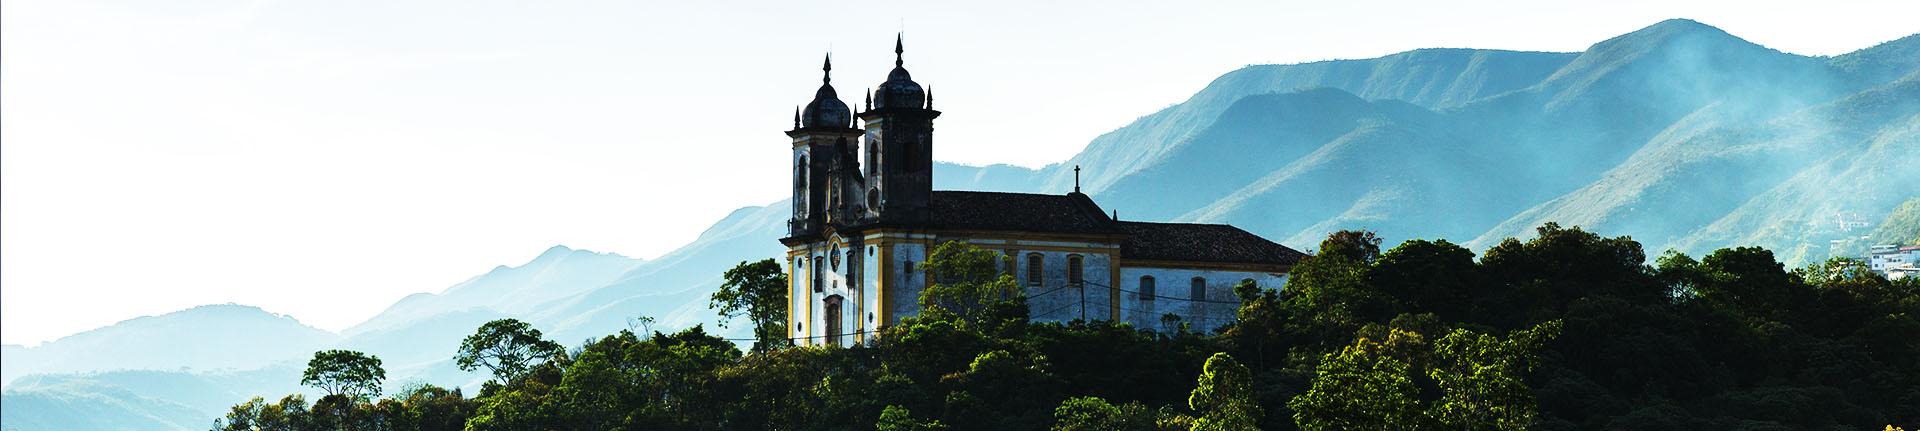 Lugares históricos no Brasil para um passeio cultural